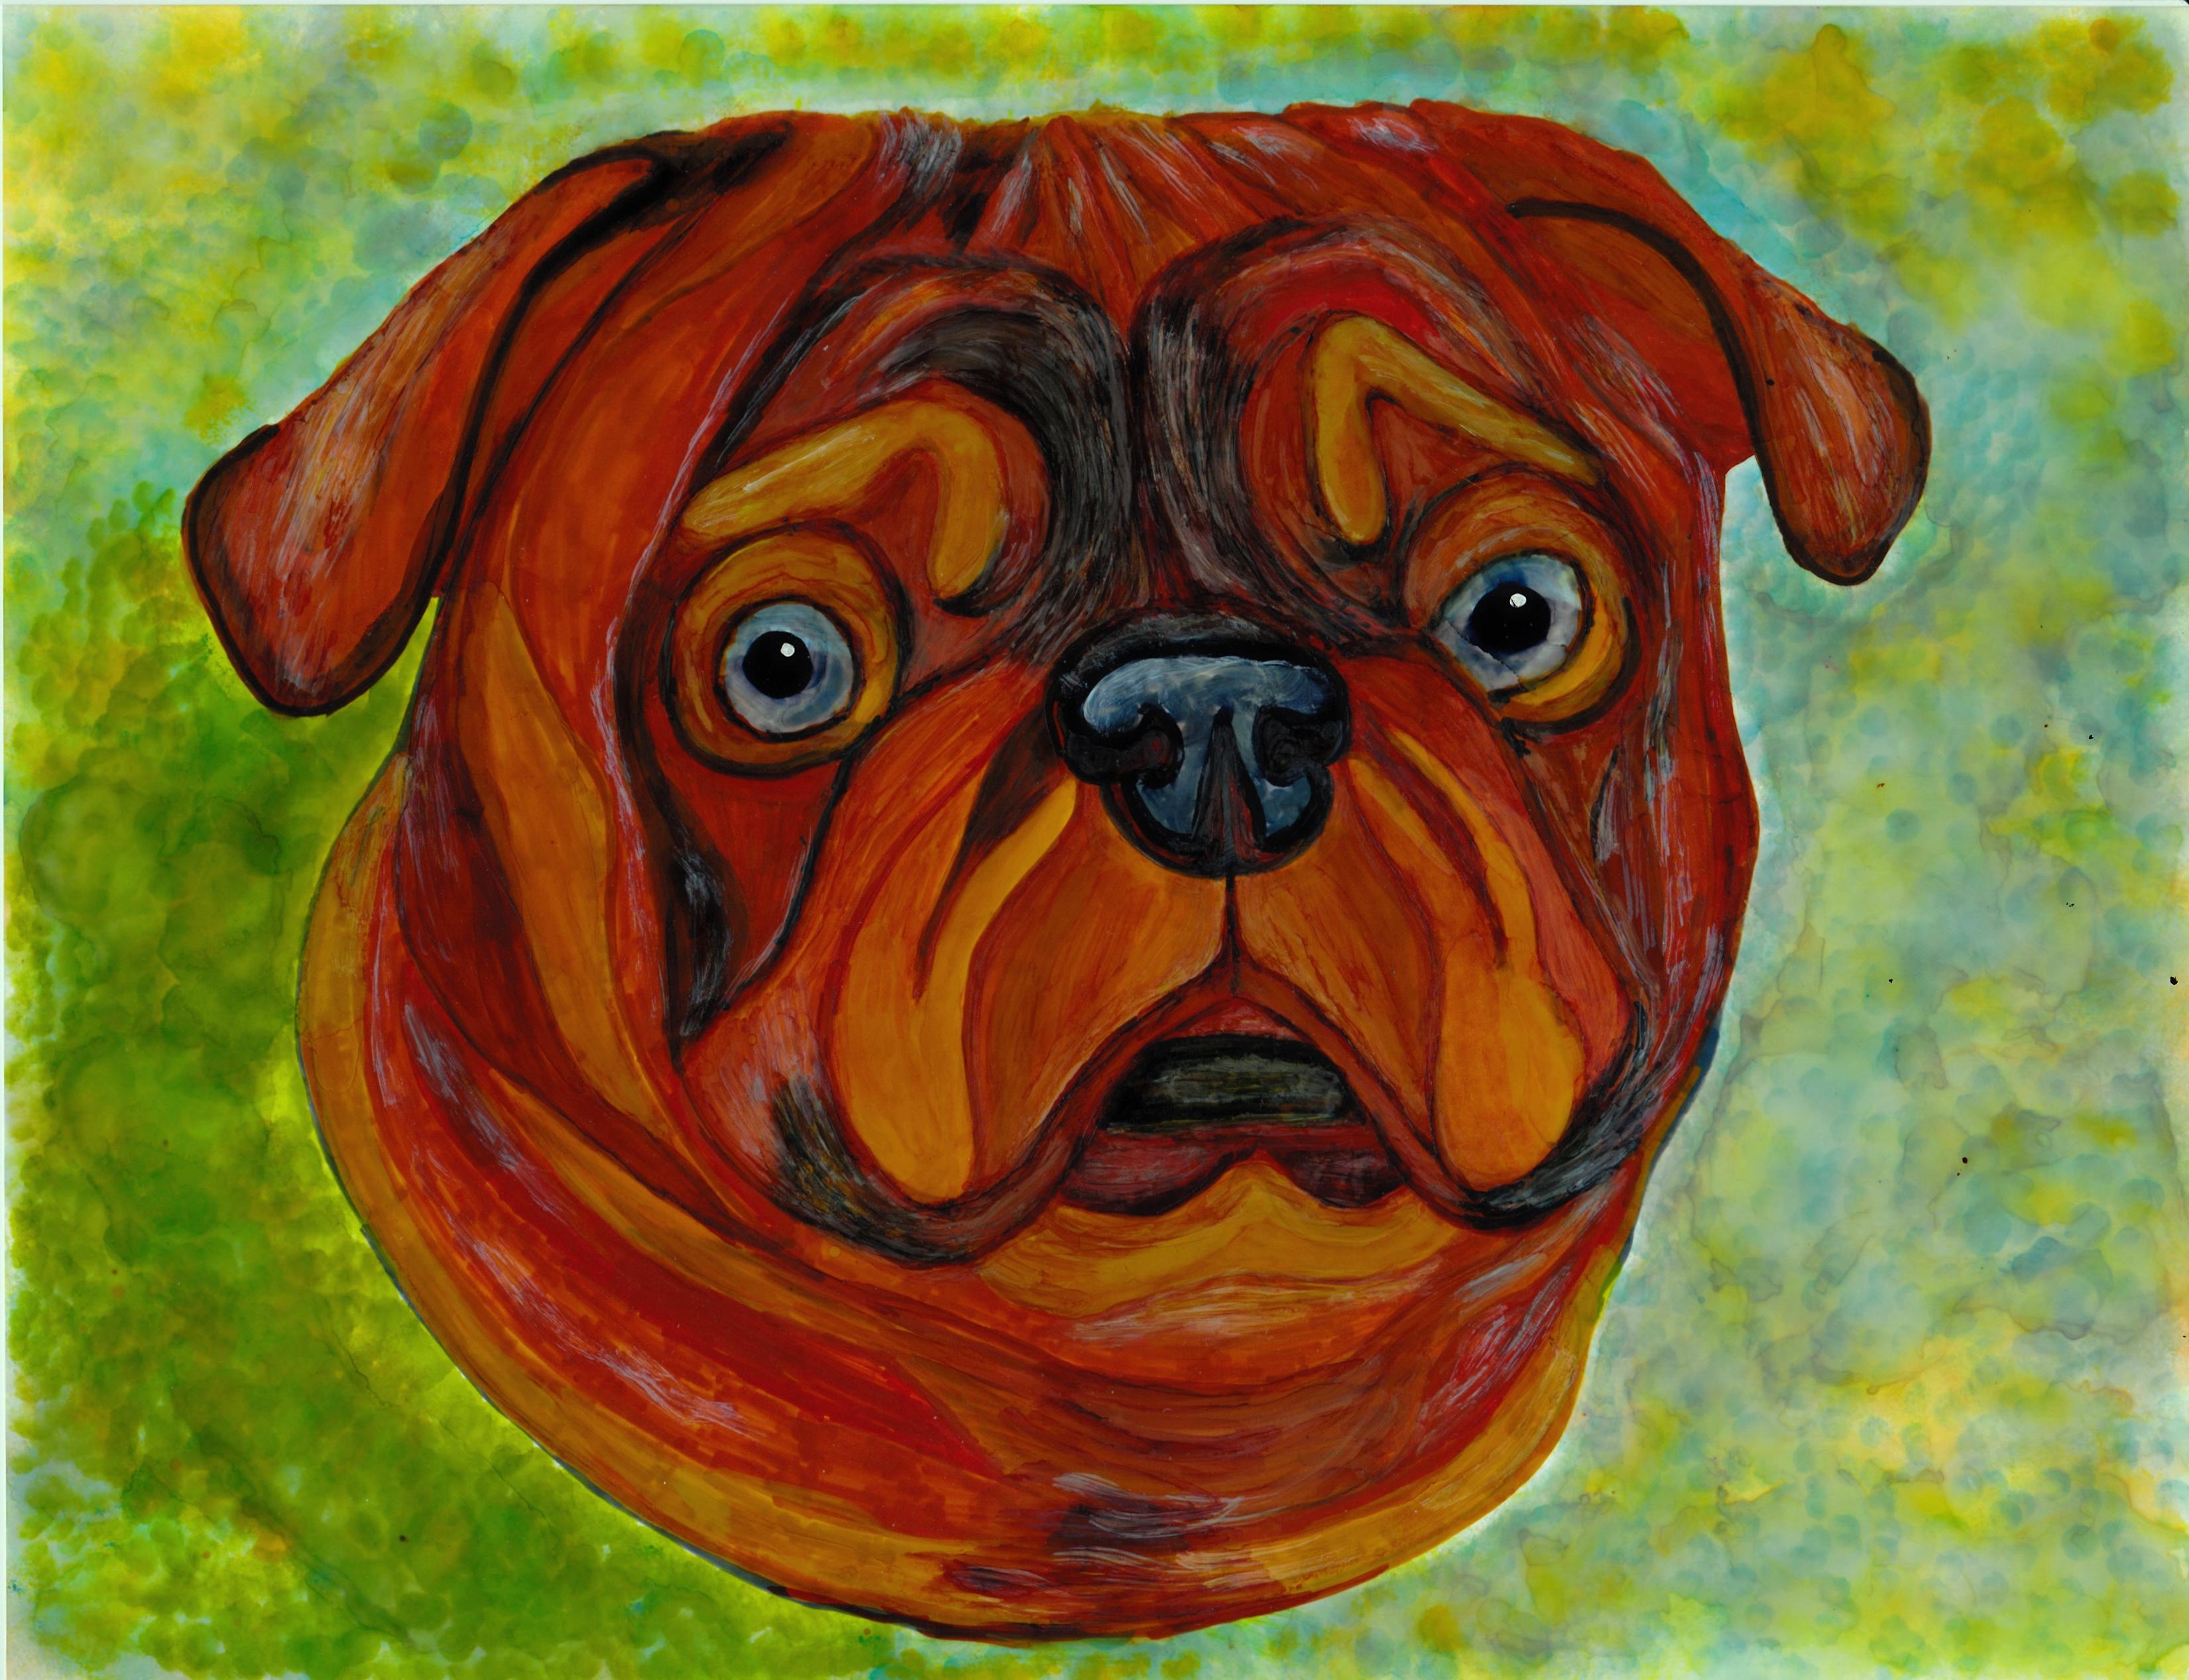 Frank's Pug